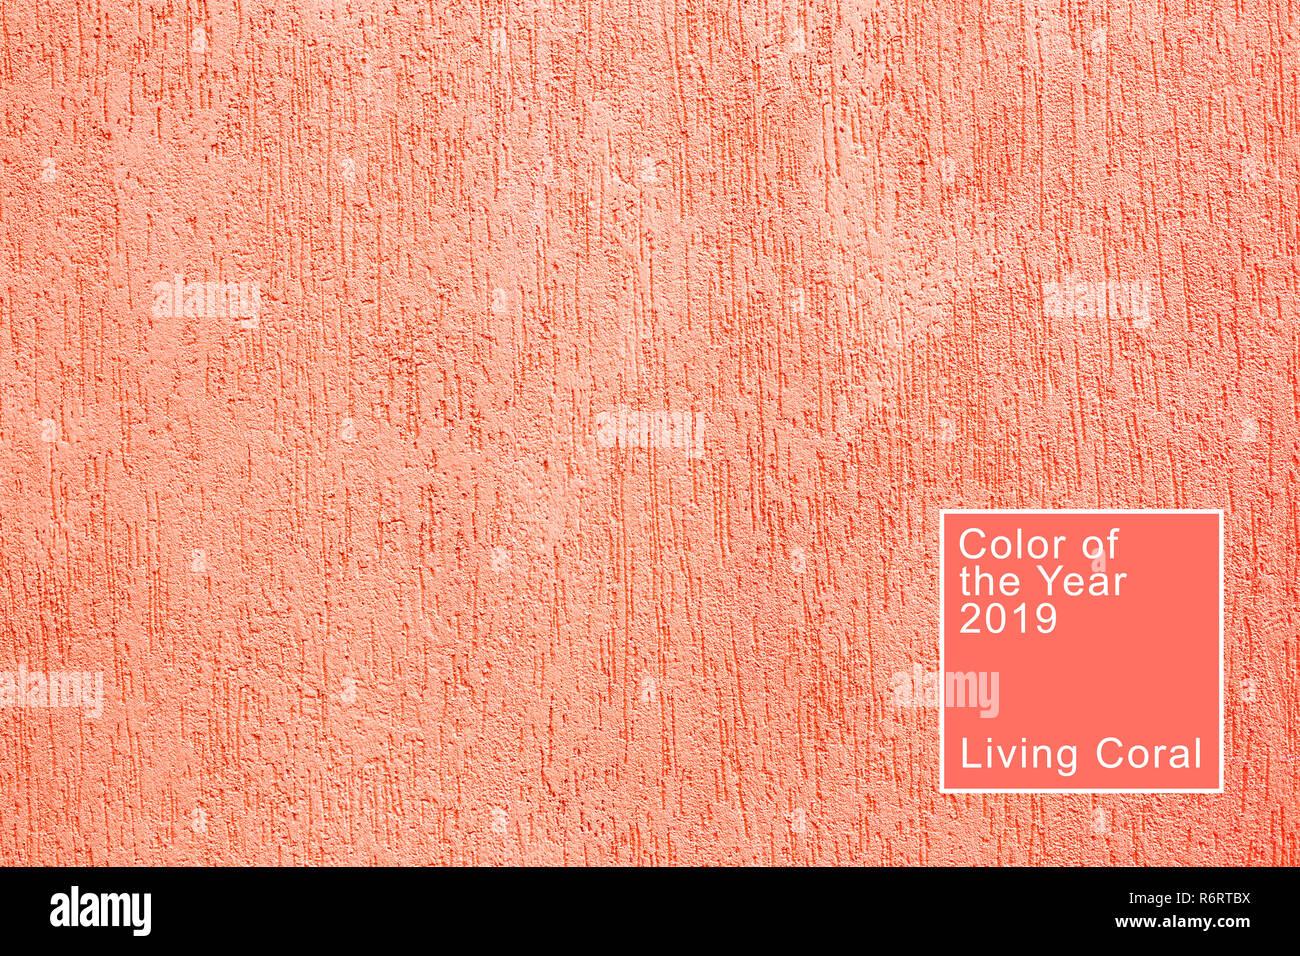 La texture des récifs de scolytes en plâtre. Corail vivant. Couleur de la 2019. Photo Stock